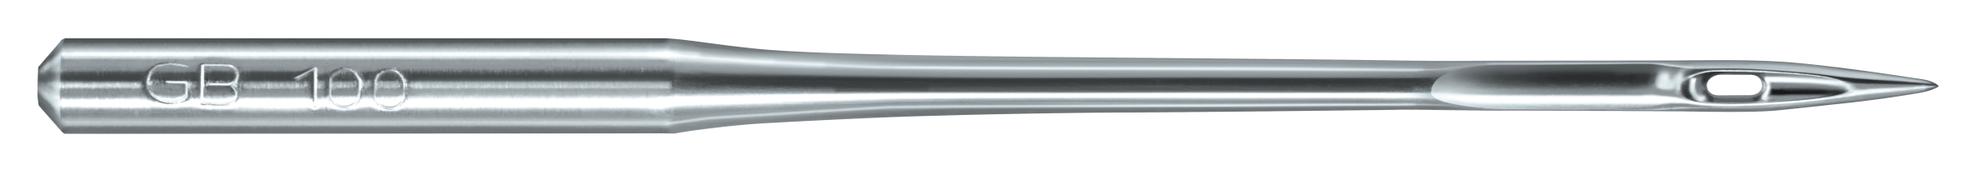 Швейная игла Groz-Beckert 134 R №140 универсальная